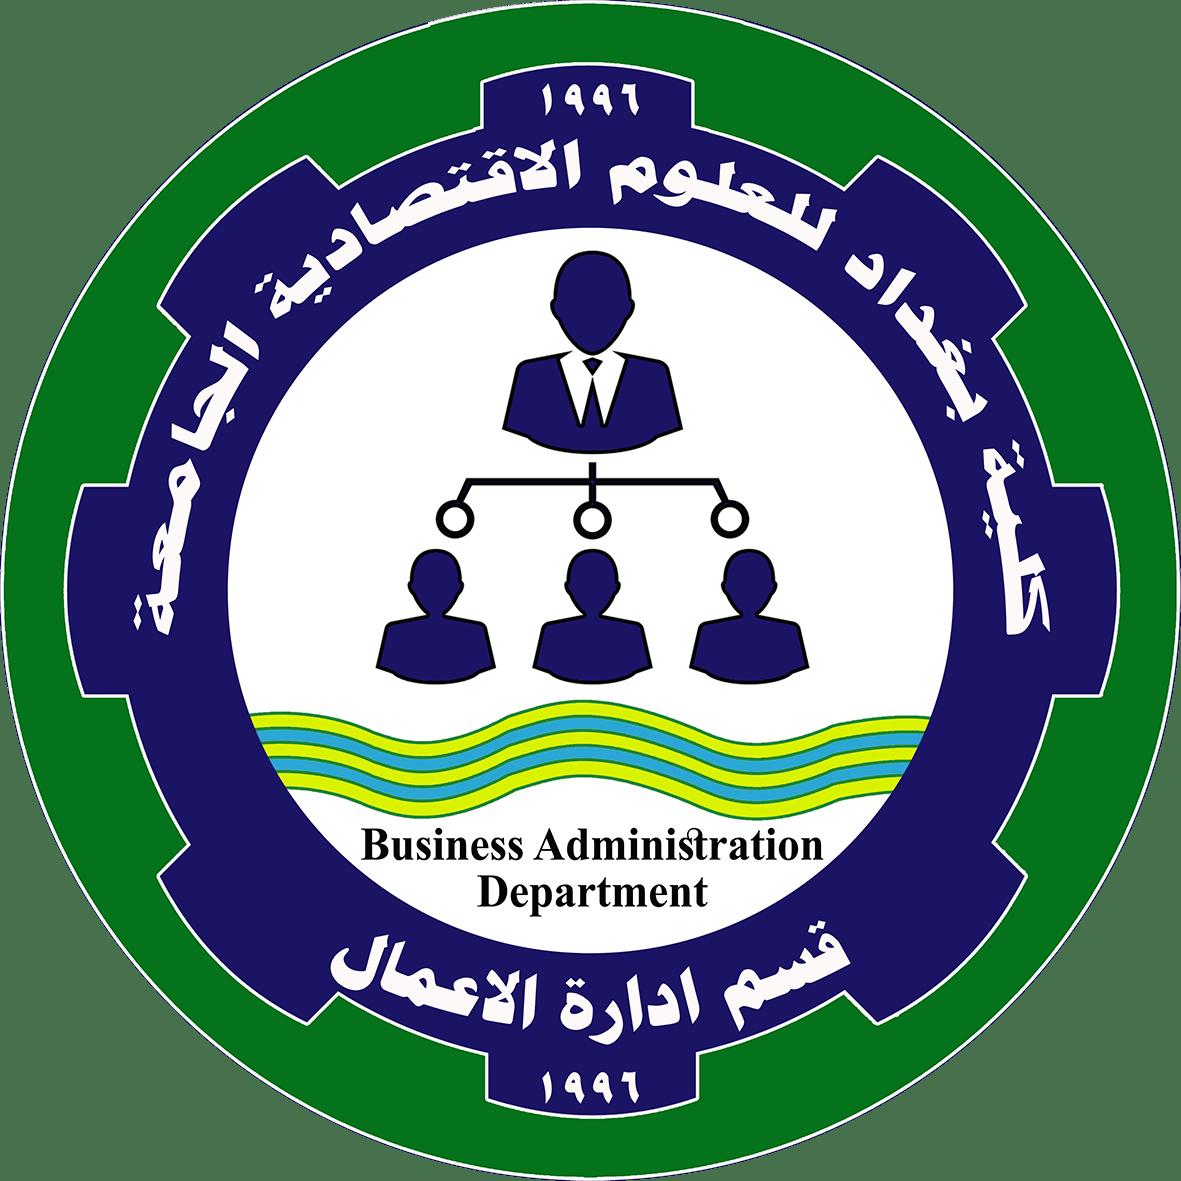 قسم ادارة الاعمال - كلية بغداد الاقتصادية